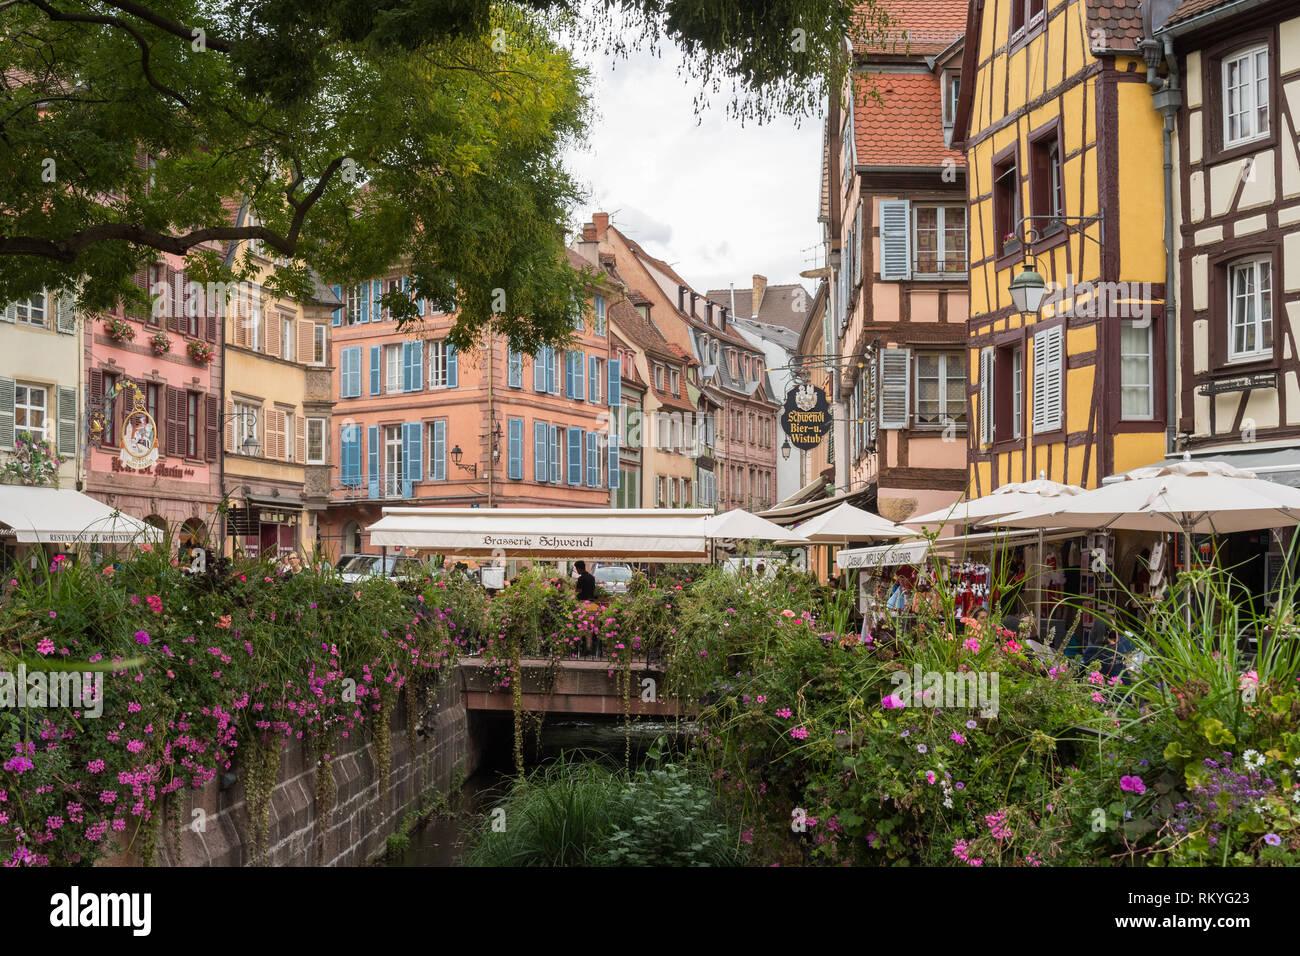 Casco Antiguo de colmar los edificios y terrazas de verano, Colmar, Alsacia, Francia, Europa Imagen De Stock